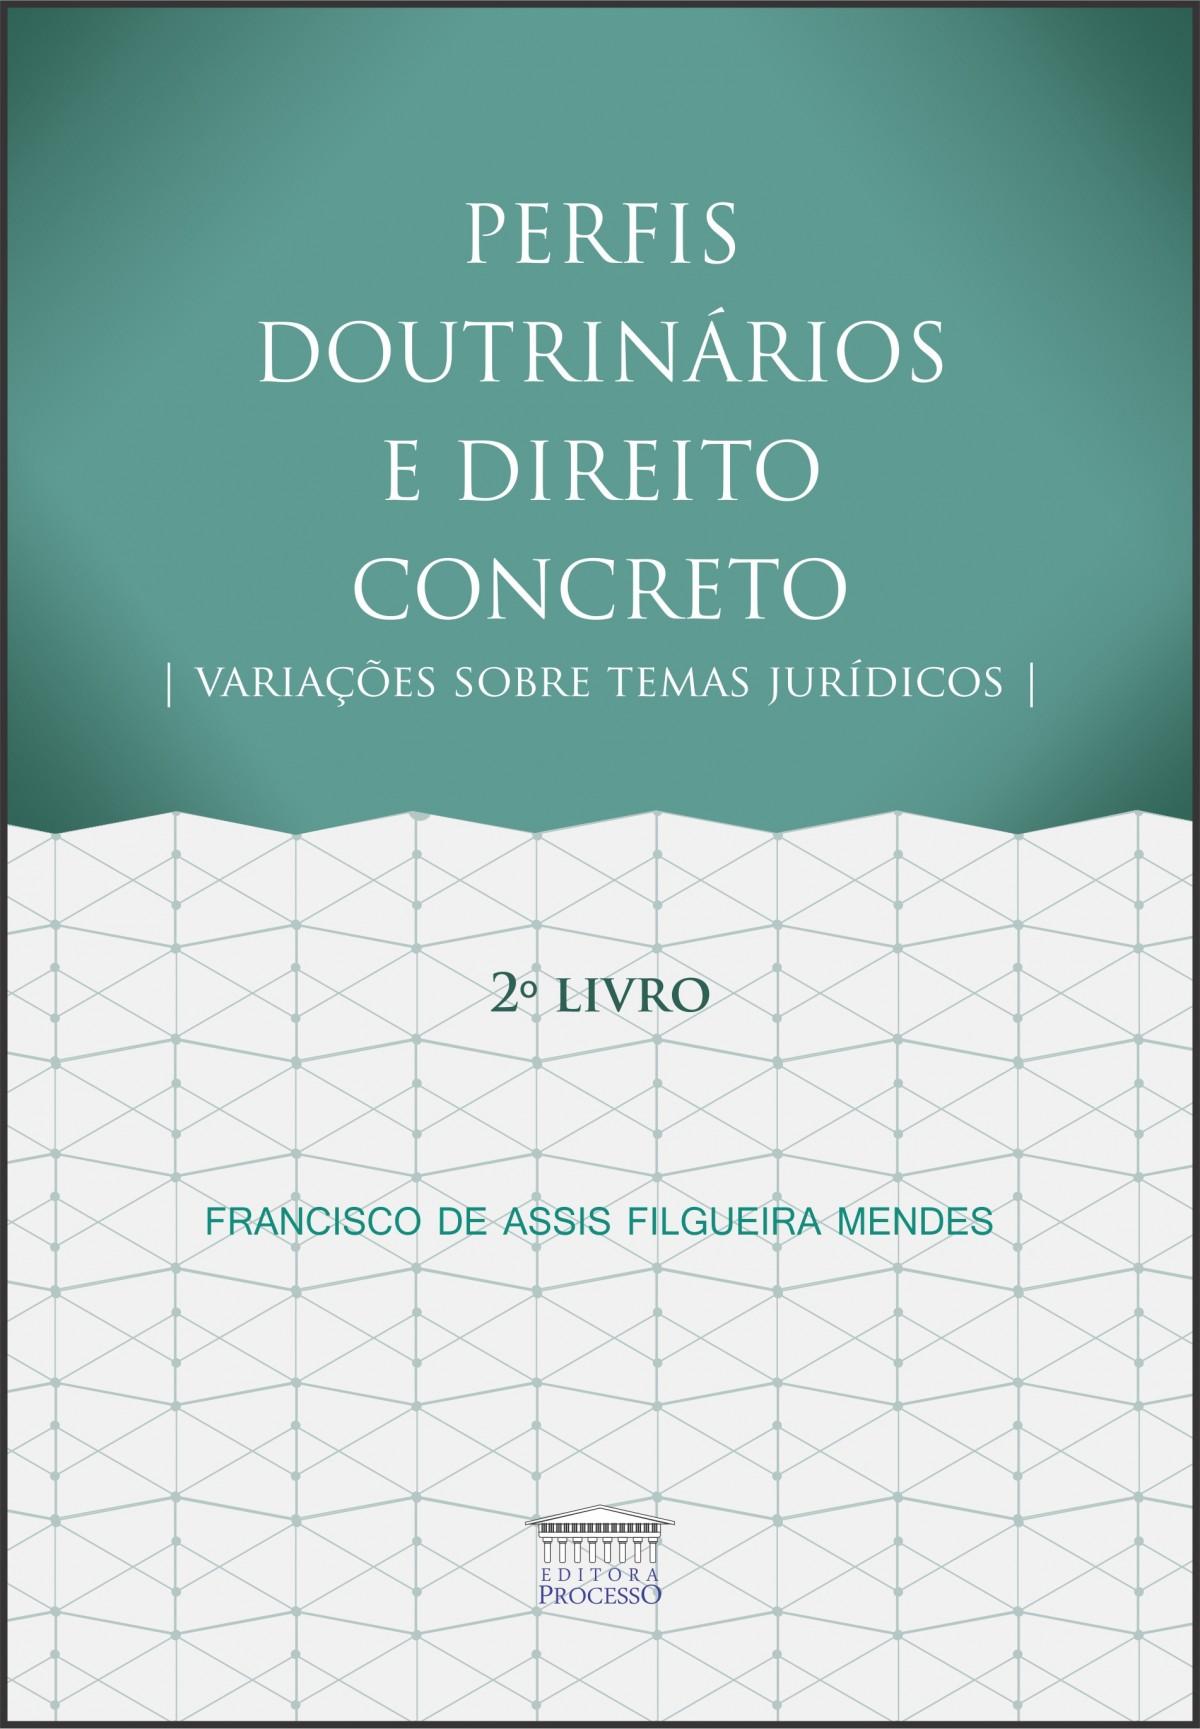 Foto 1 - Perfis Doutrinários e Direito Concreto